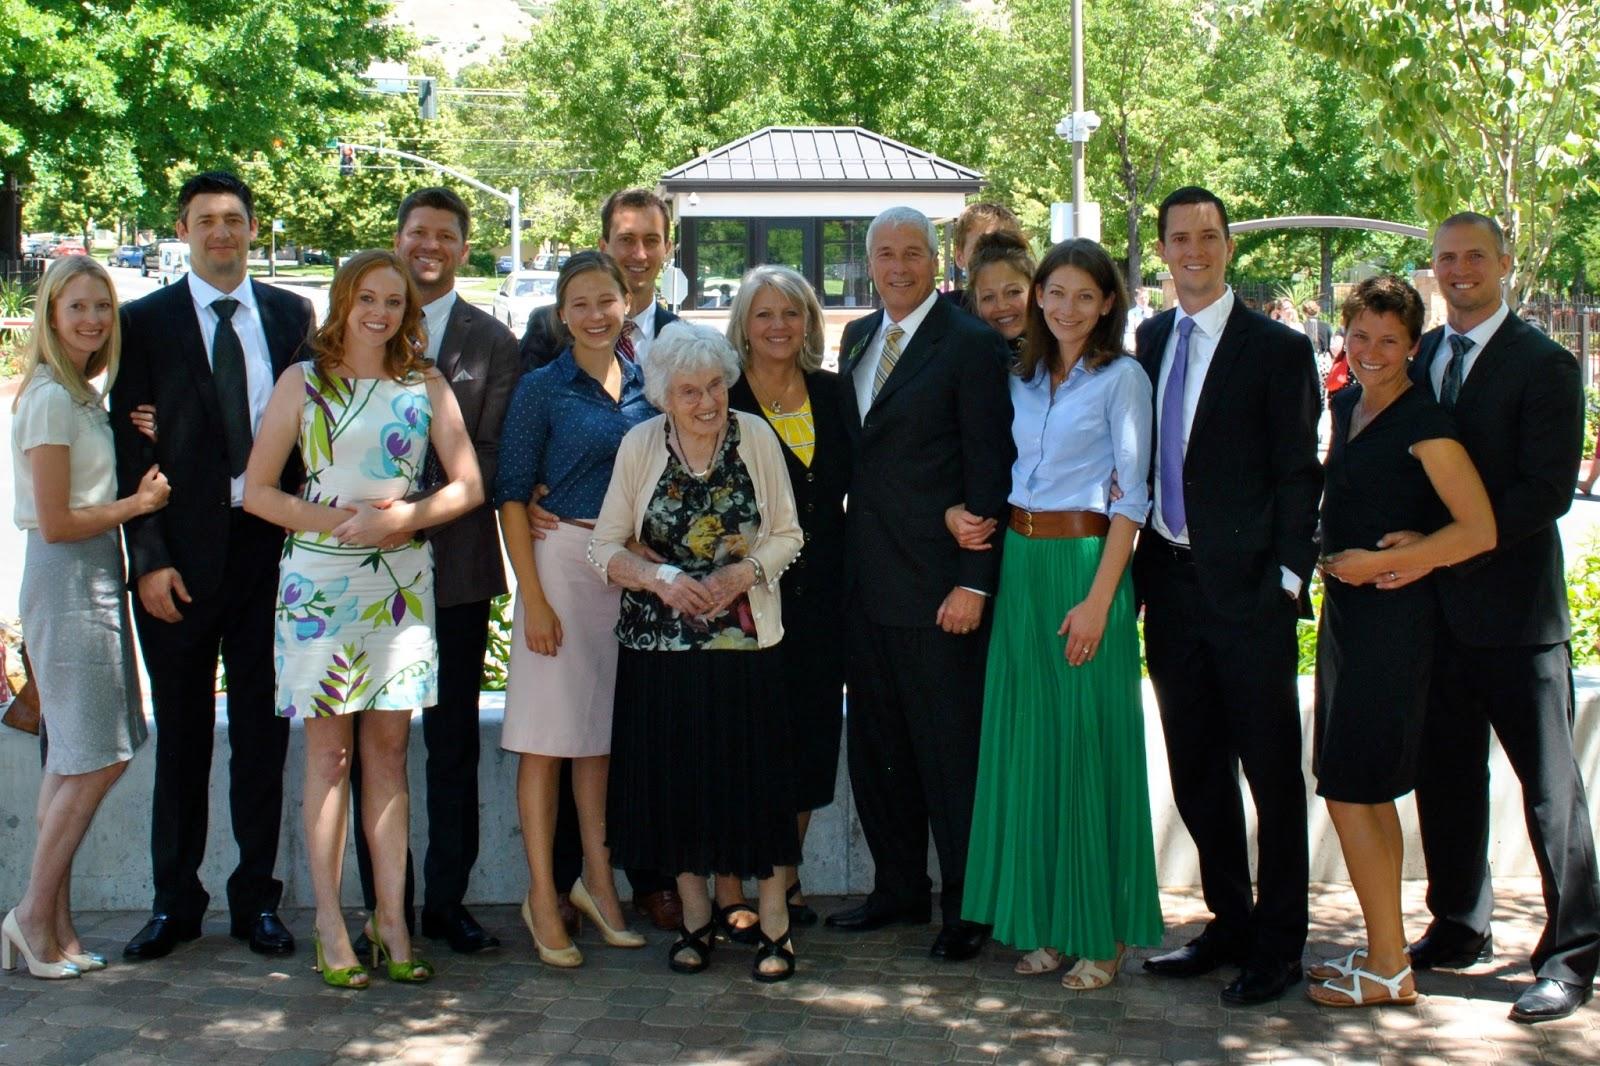 fa2ca2513dd8 christopher + elizabeth   Utah Trip Part I  Lochhead Family Reunion